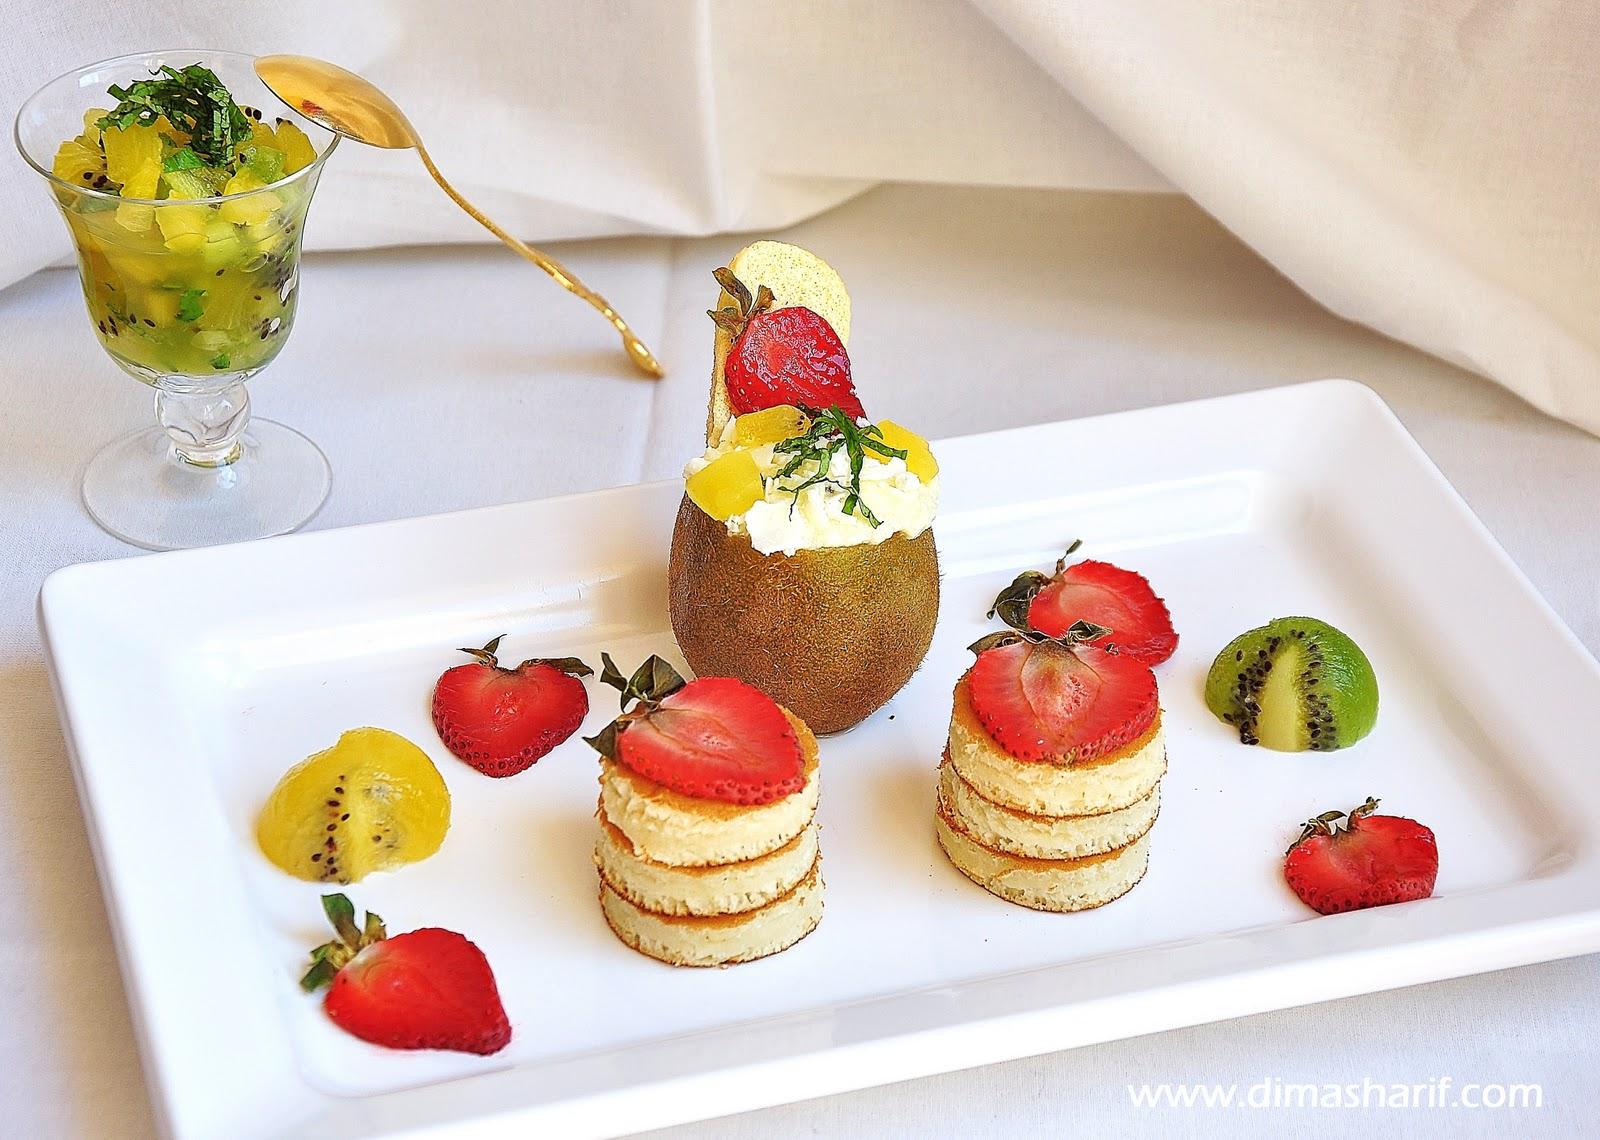 DIMA SHARIF: Golden Kiwis & The Ultimate Breakfast (pancakes, Whipped ...